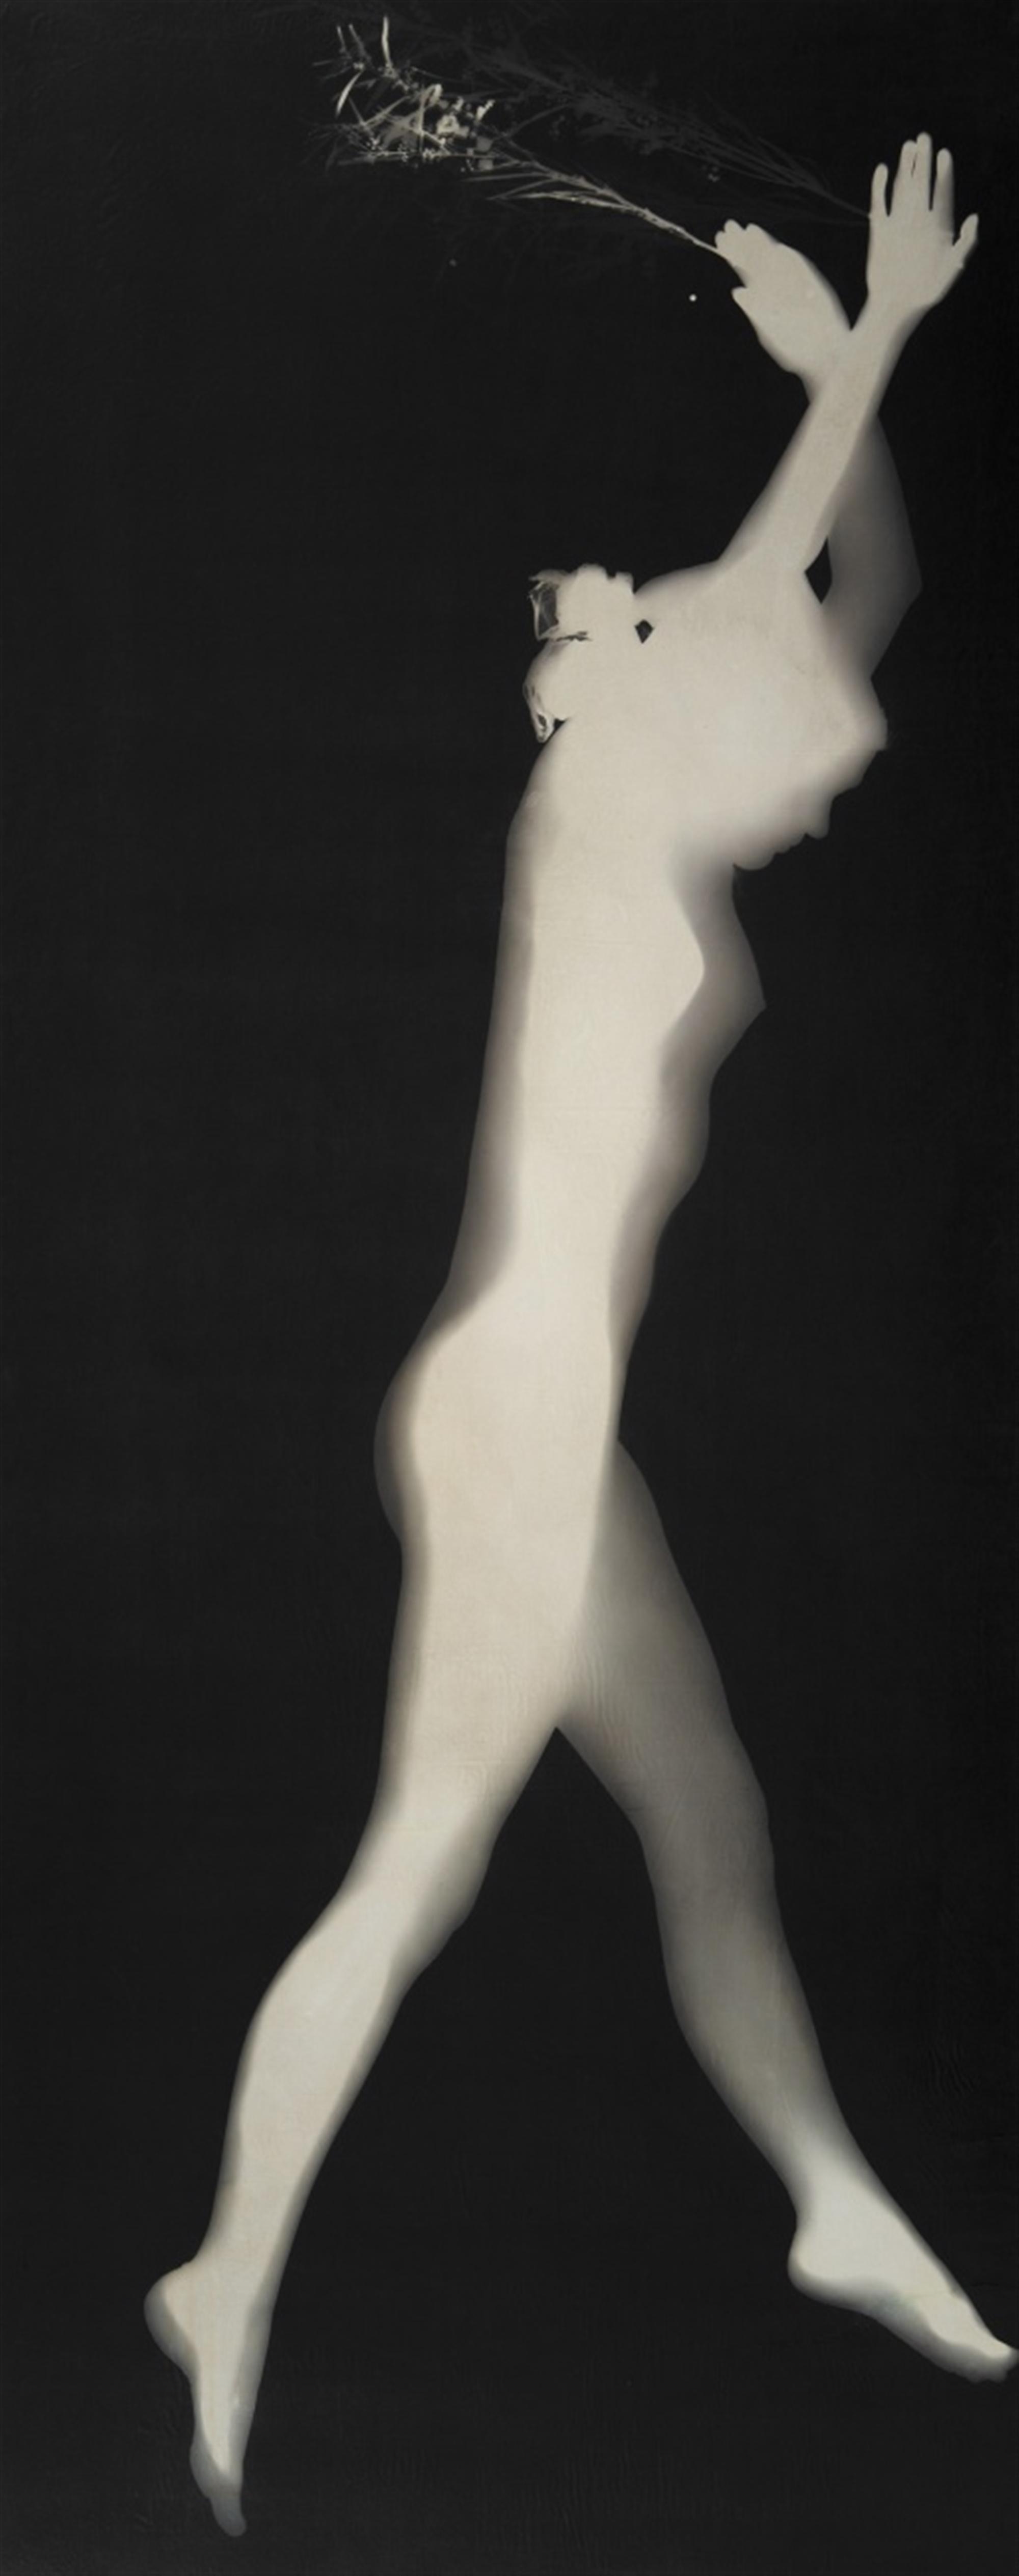 Floris M. Neusüss<BR>Untitled